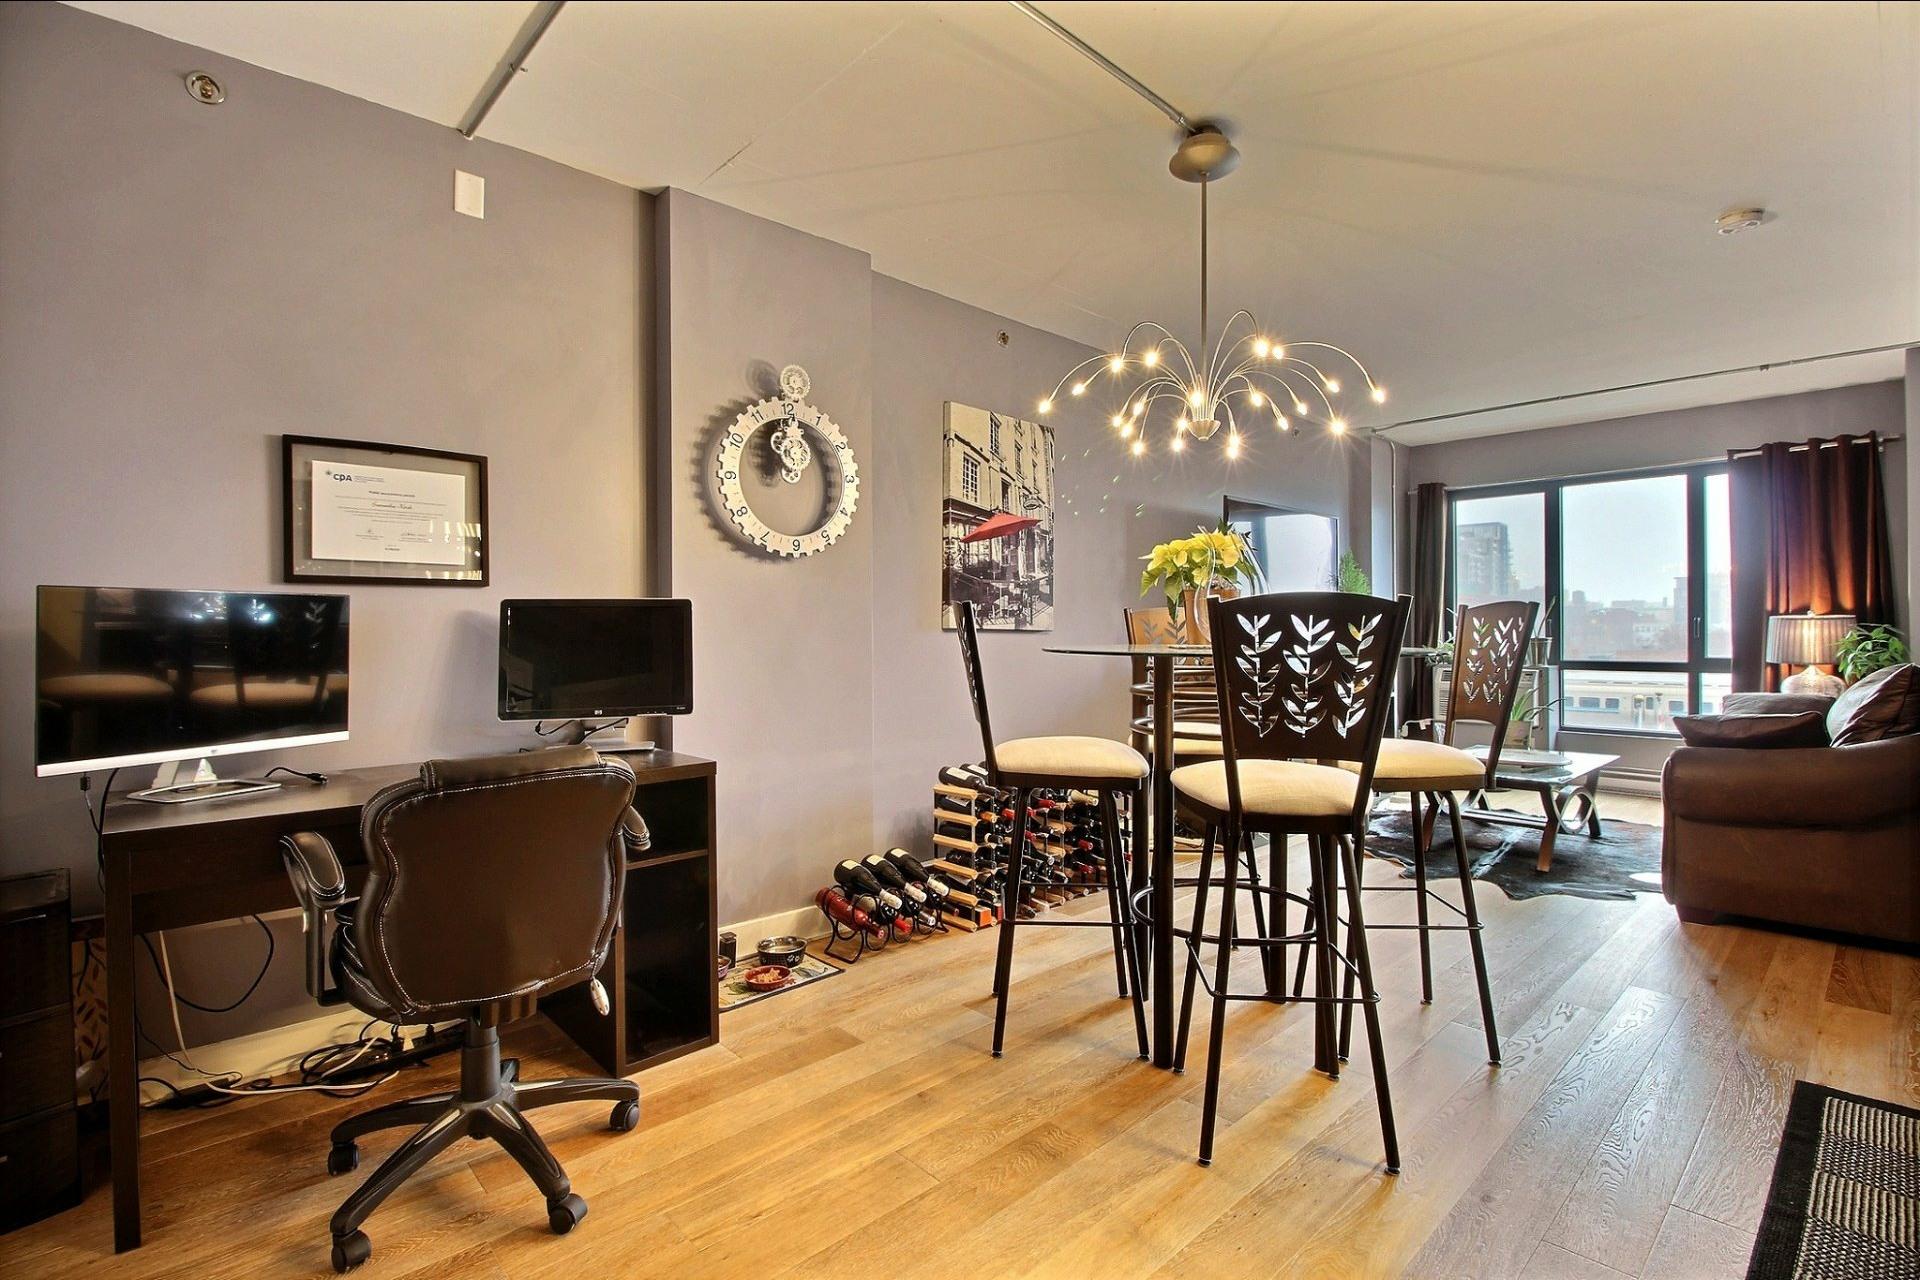 image 10 - Appartement À louer Montréal Le Sud-Ouest  - 3 pièces